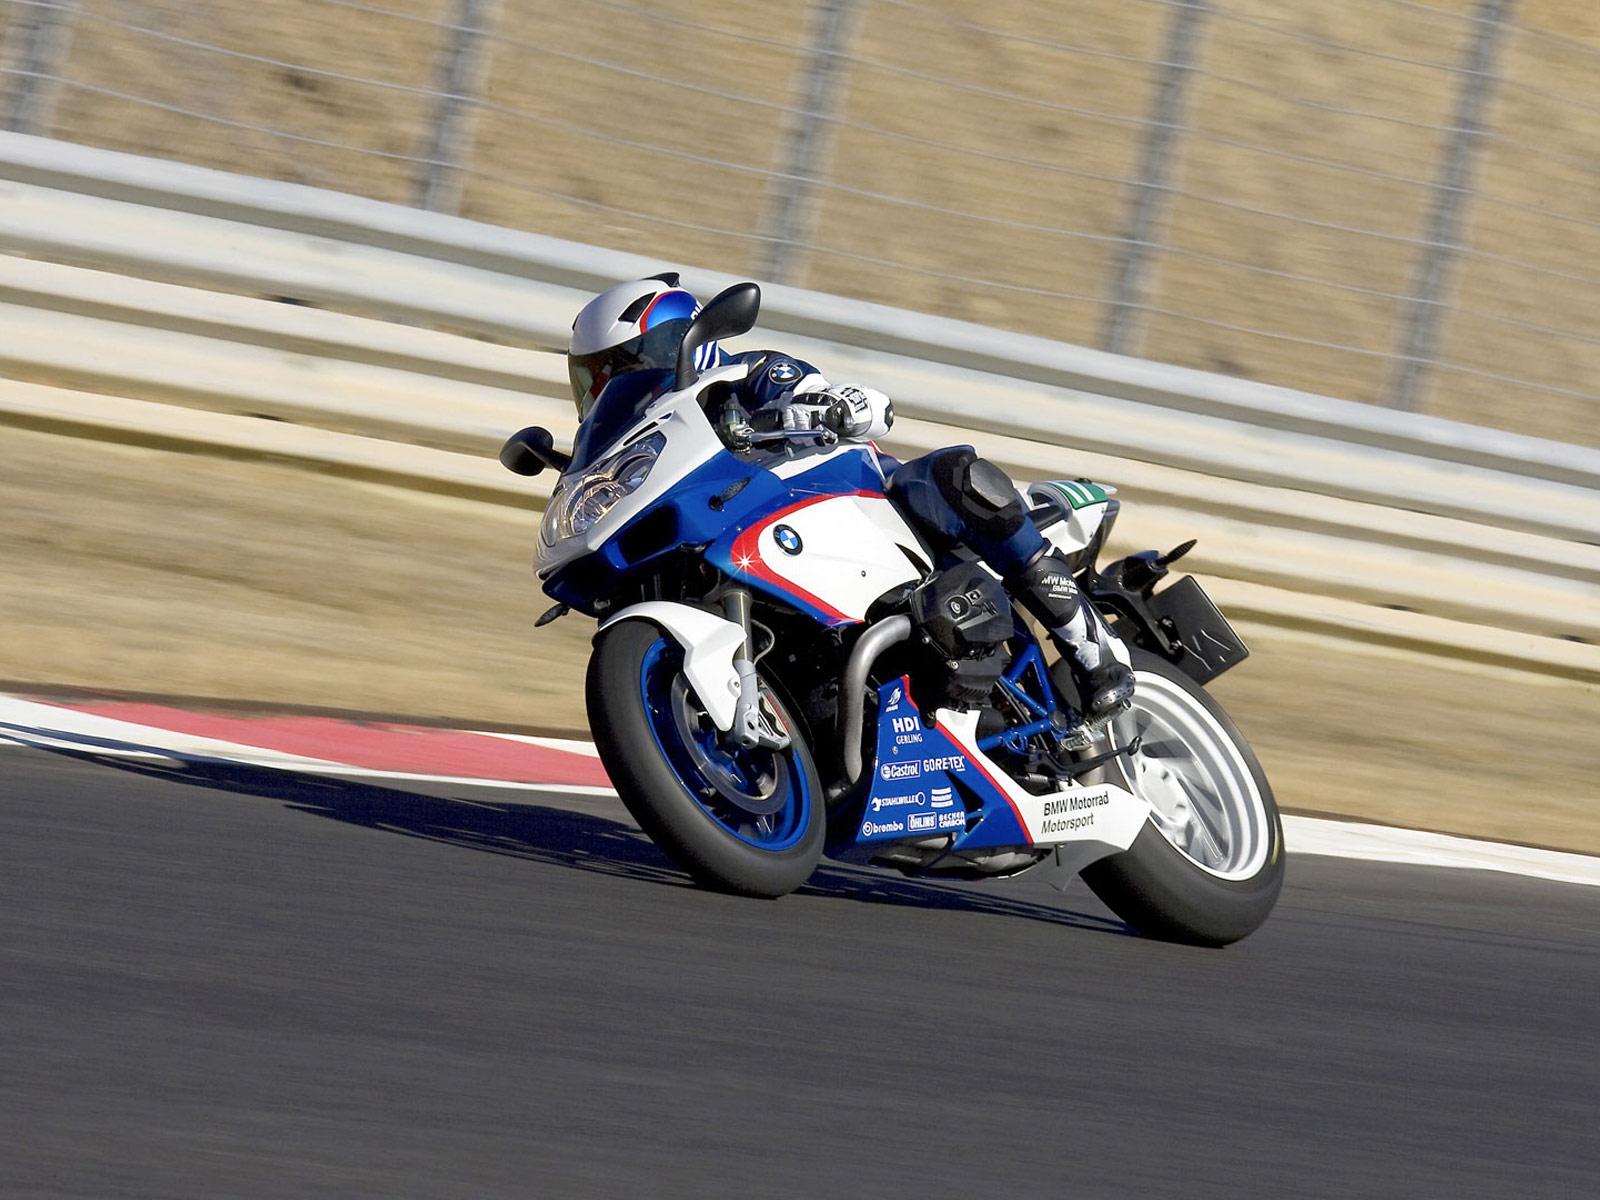 2011 BMW HP2 Sport motorcycle desktop wallpapers 1600x1200